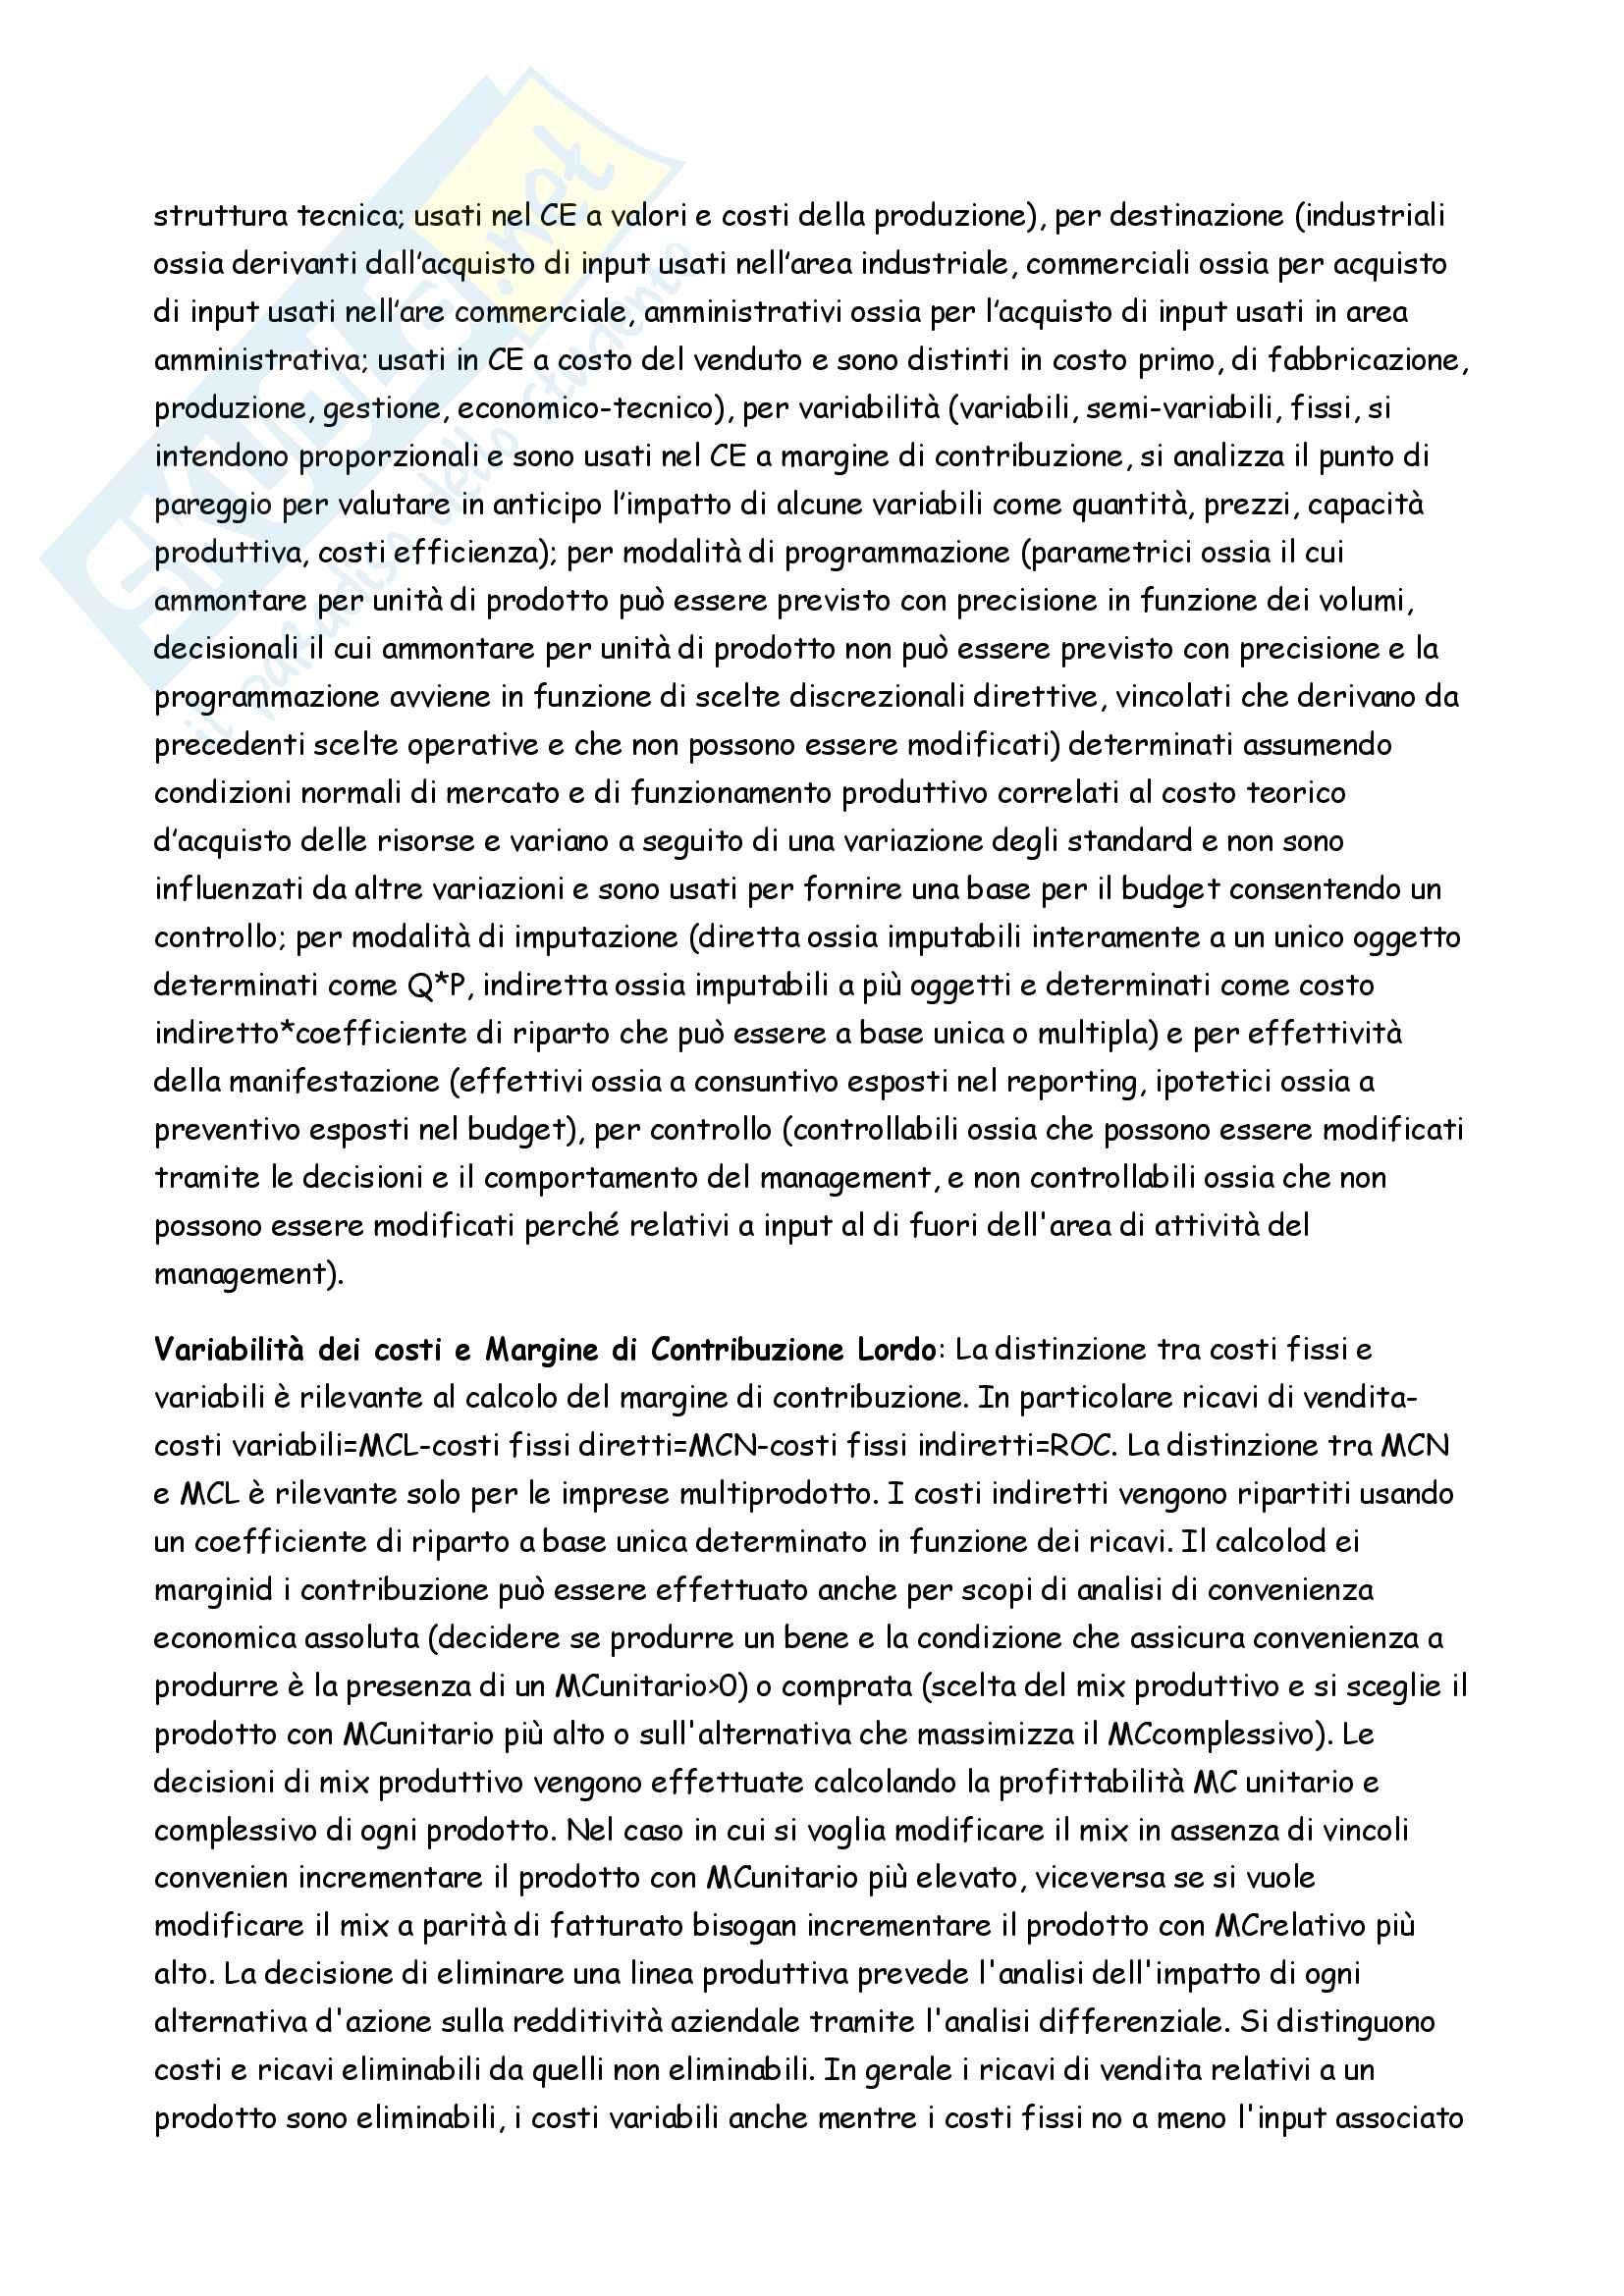 Appunti completi Controllo di gestione Pag. 6